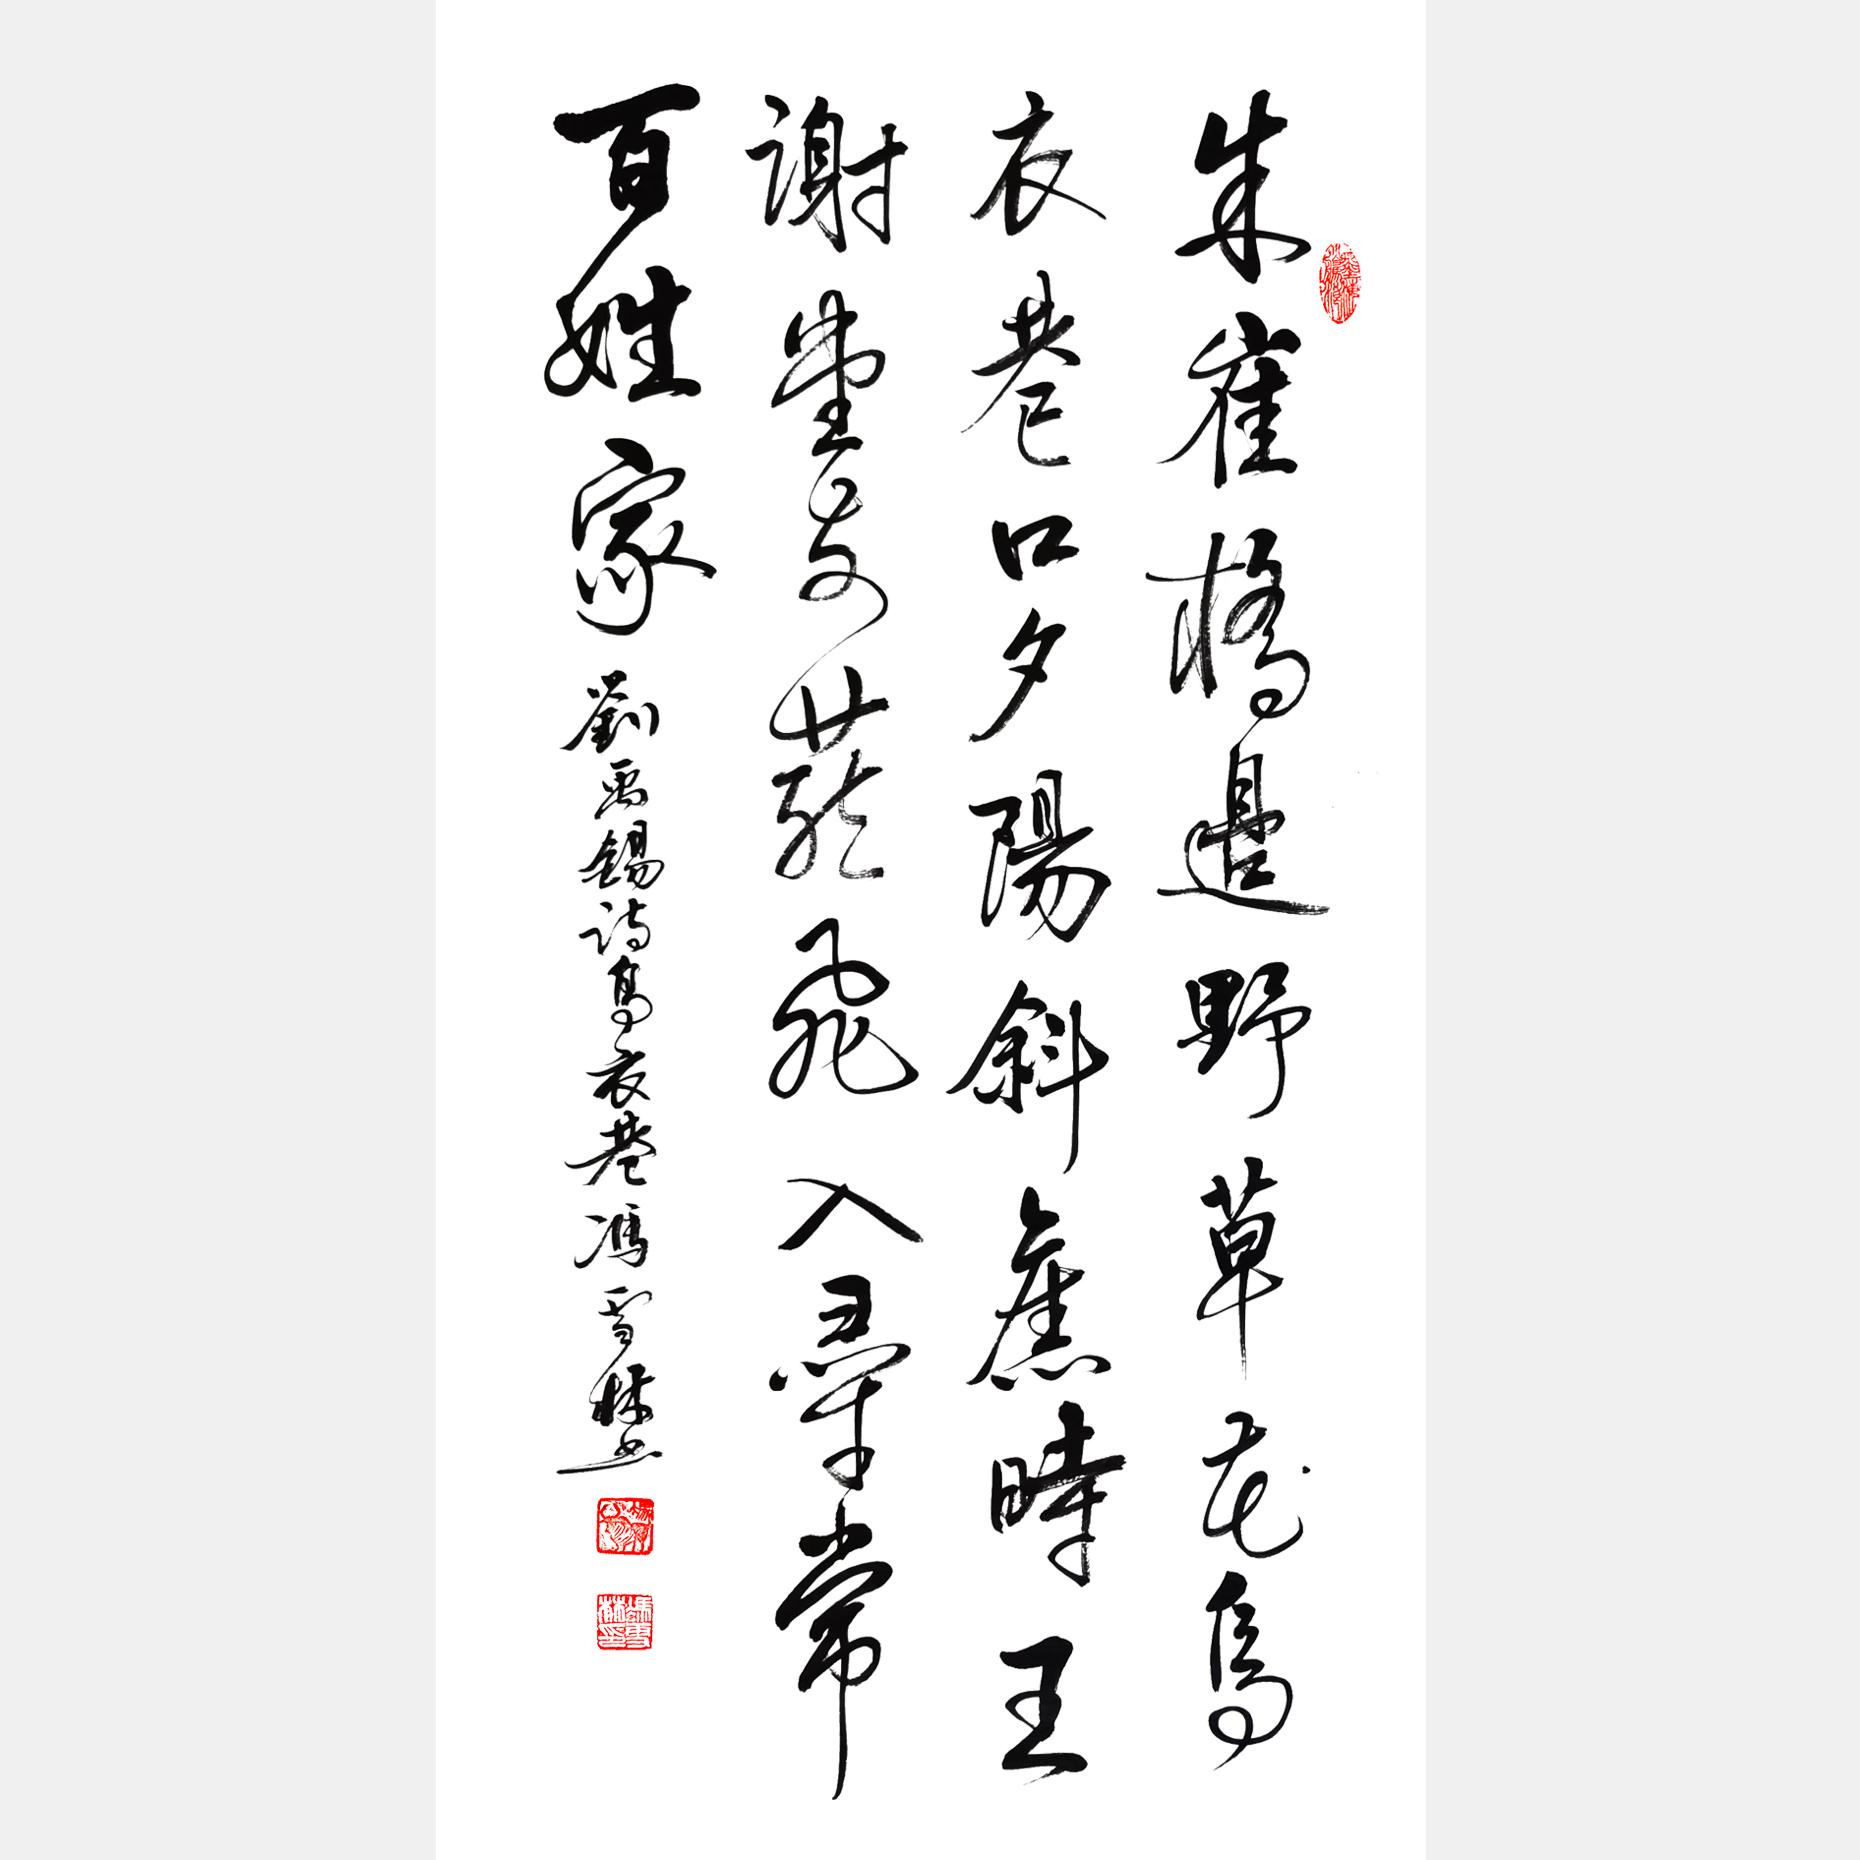 刘禹锡乌衣巷书法作品欣赏 乌衣巷行书作品